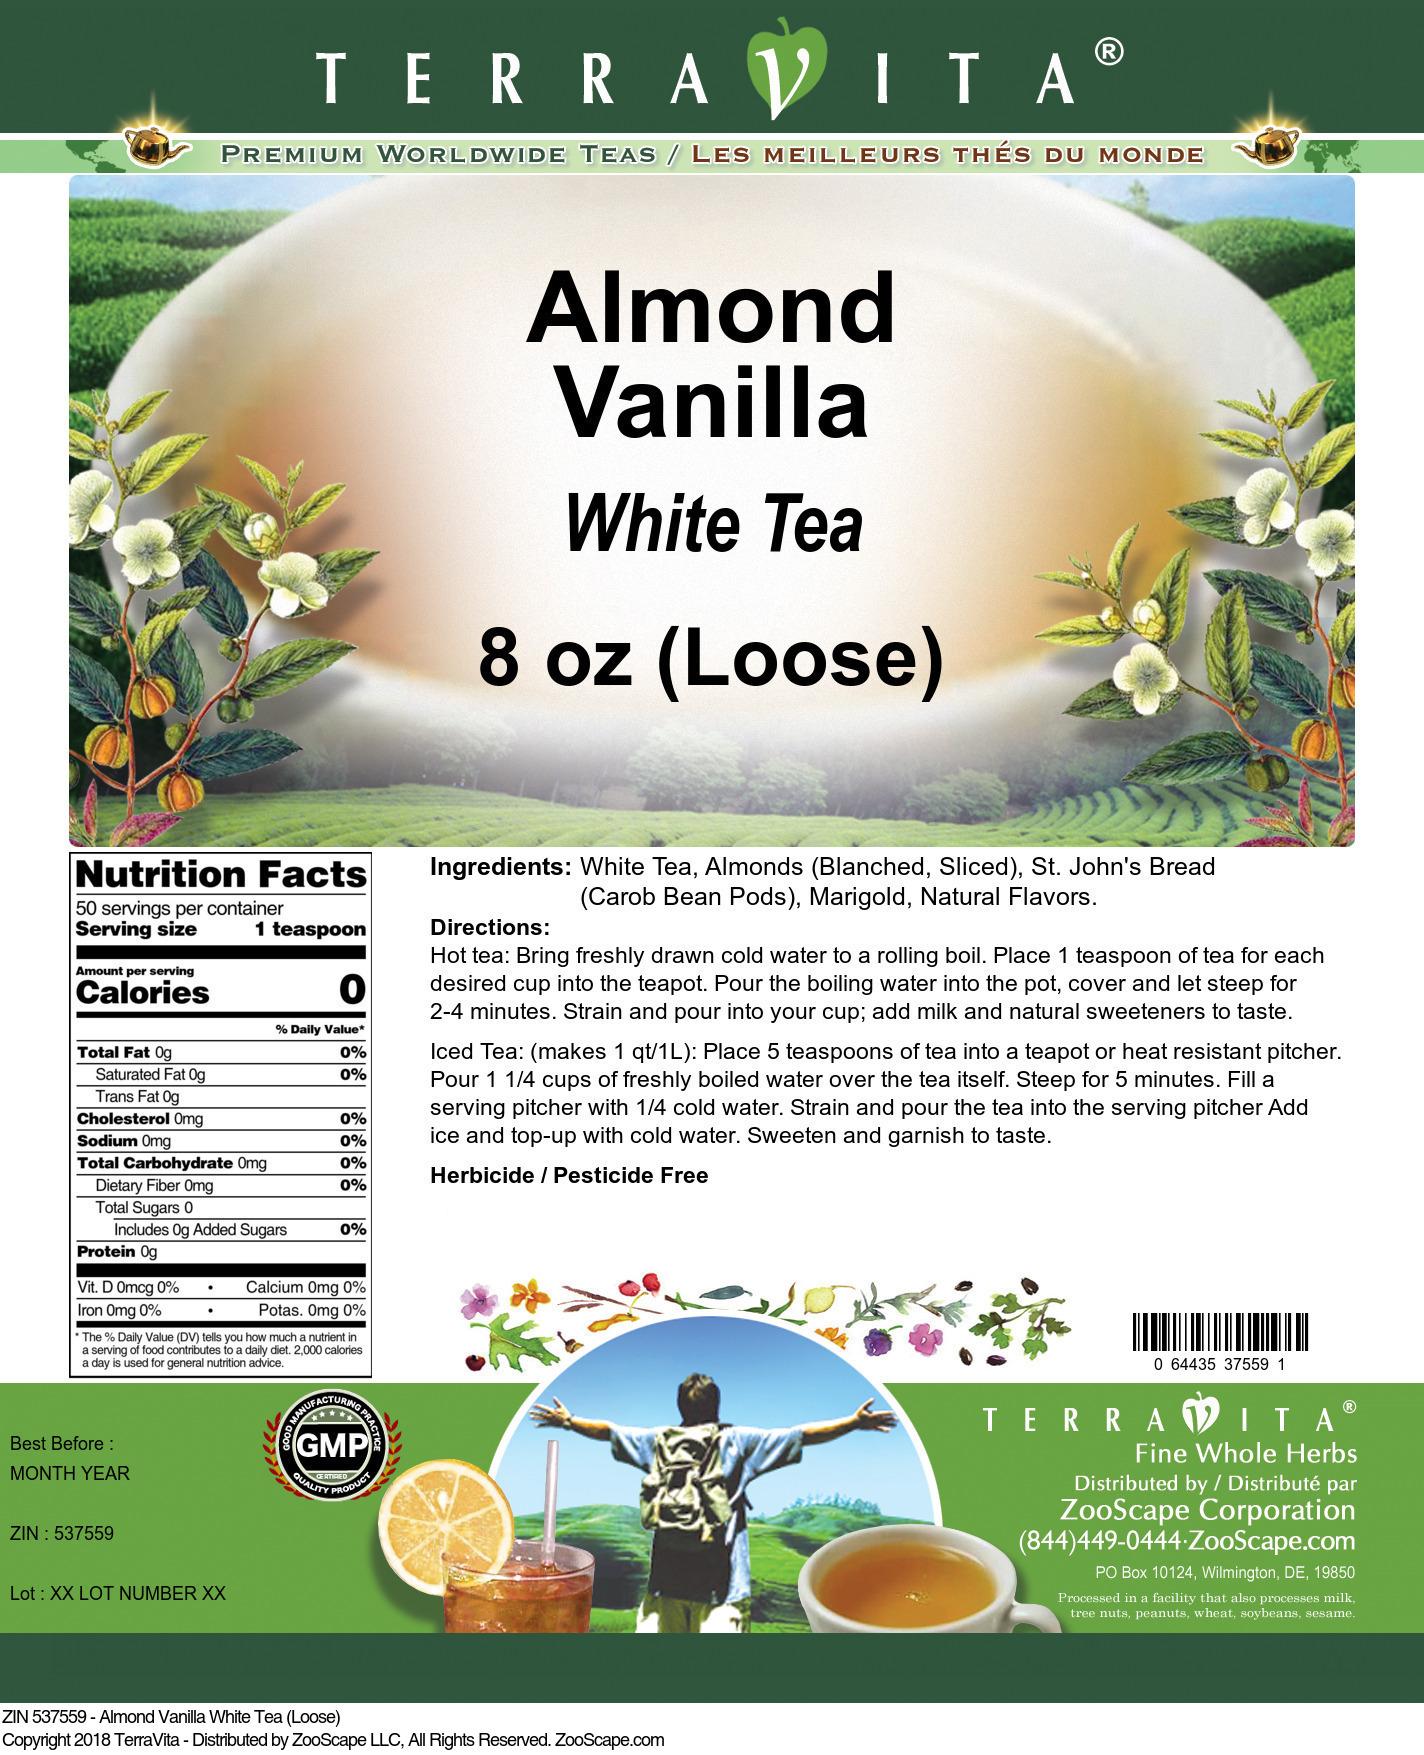 Almond Vanilla White Tea (Loose)